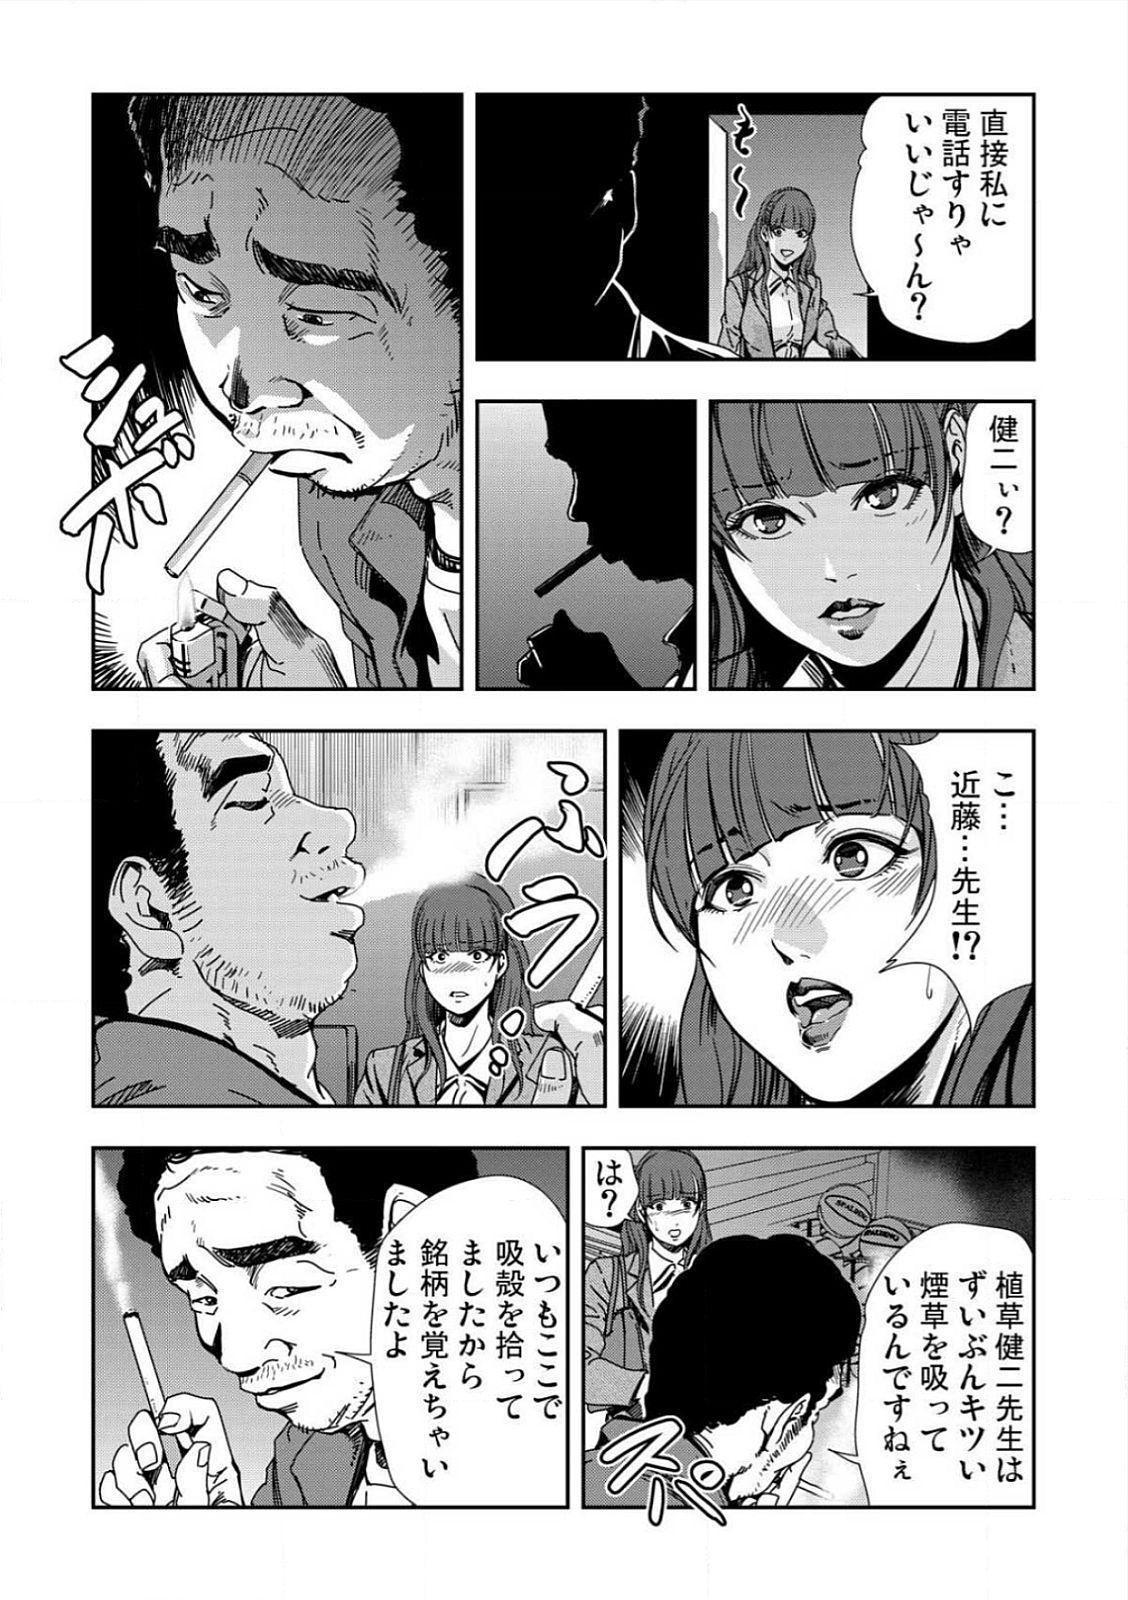 [Misaki Yukihiro] Kyousei Shidou ~Mechakucha ni Kegasarete~ (1)~(6) [Digital] 40